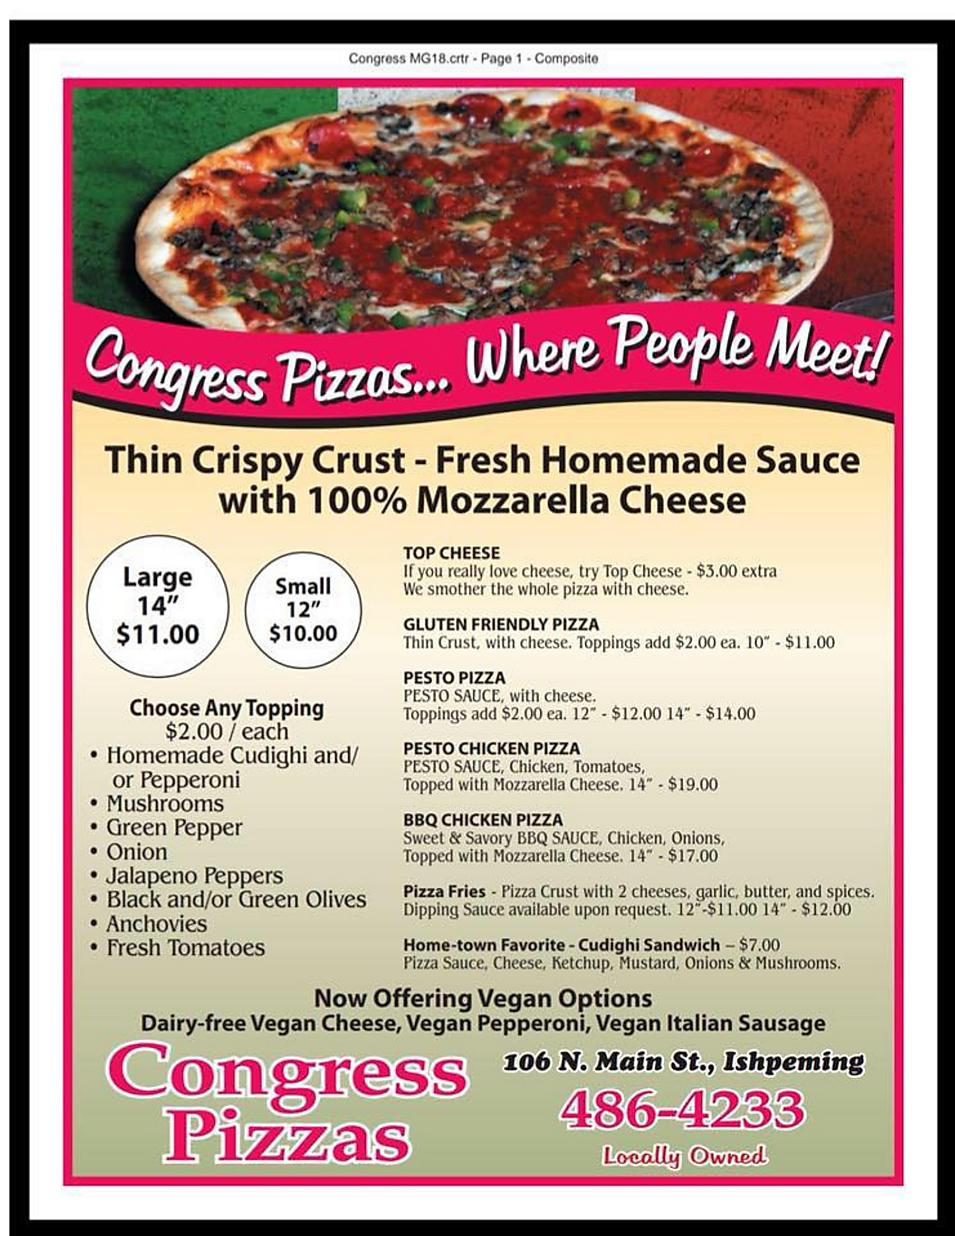 Pasqualis pizza restaurant menu wine list hours location deals Marquette Now